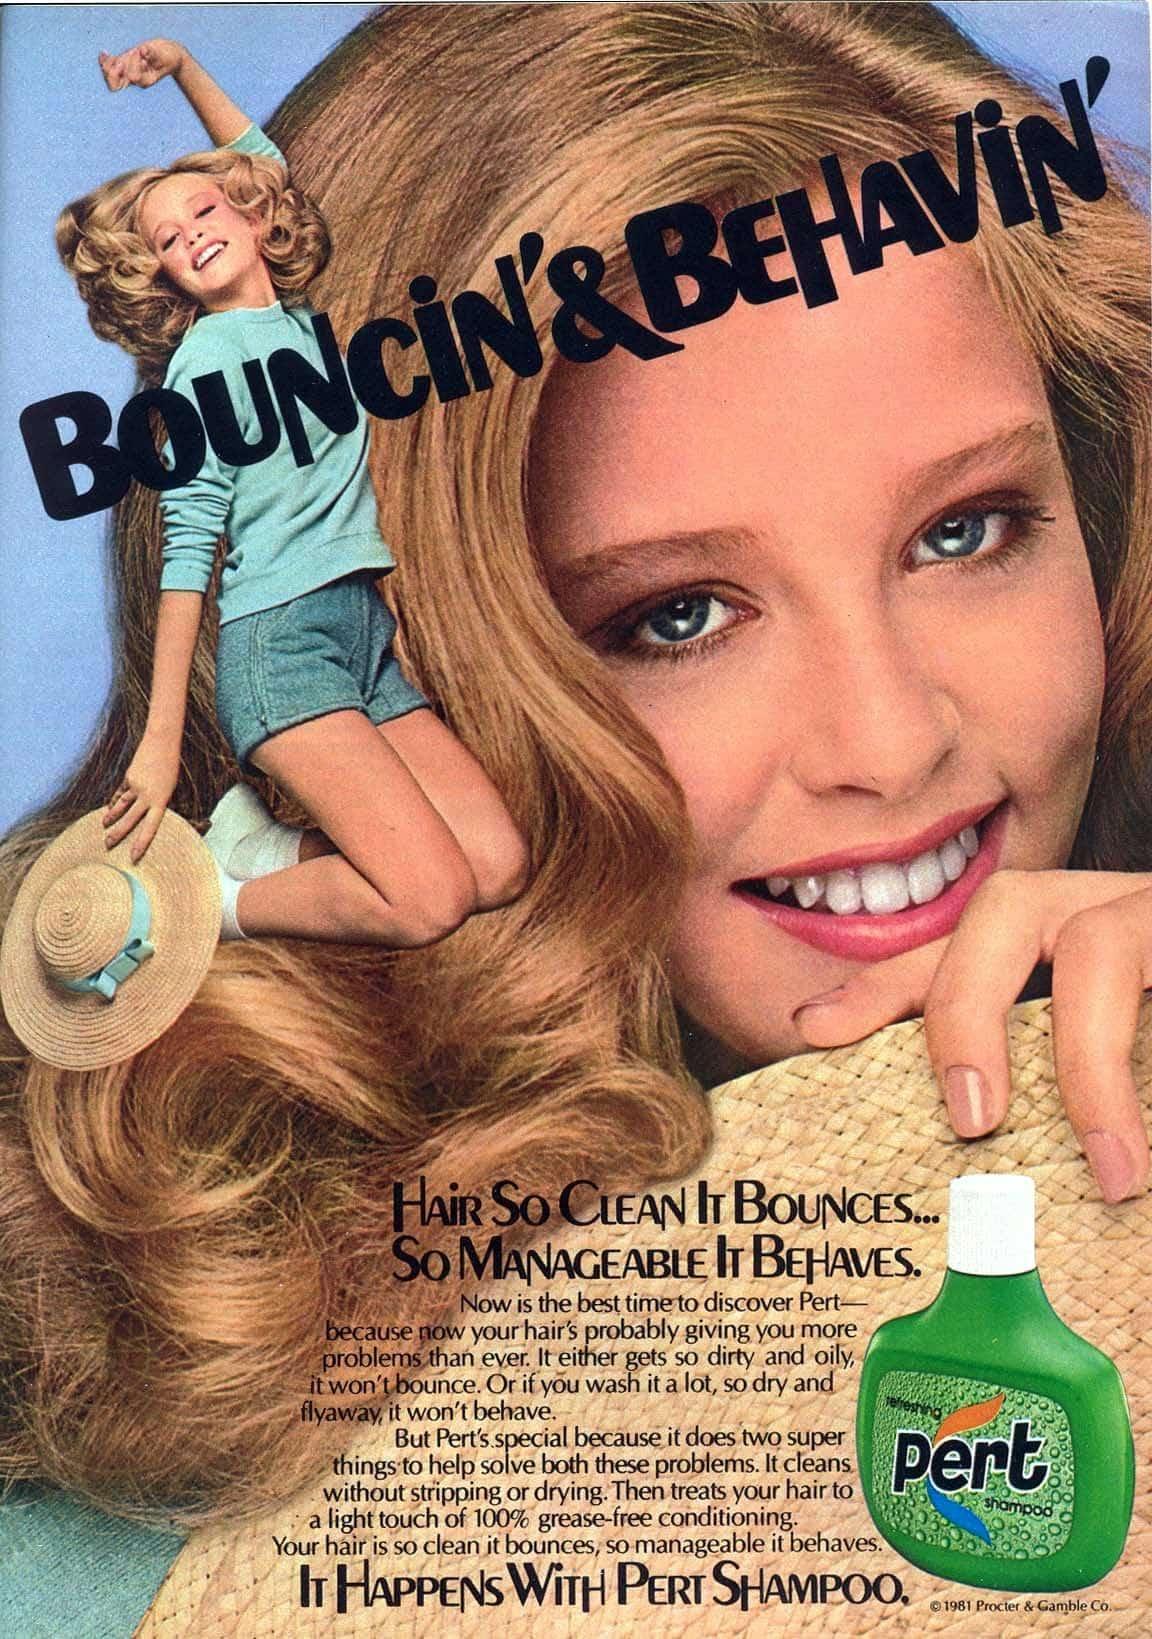 Pert shampoo For bouncin' & behavin' hair (1981)